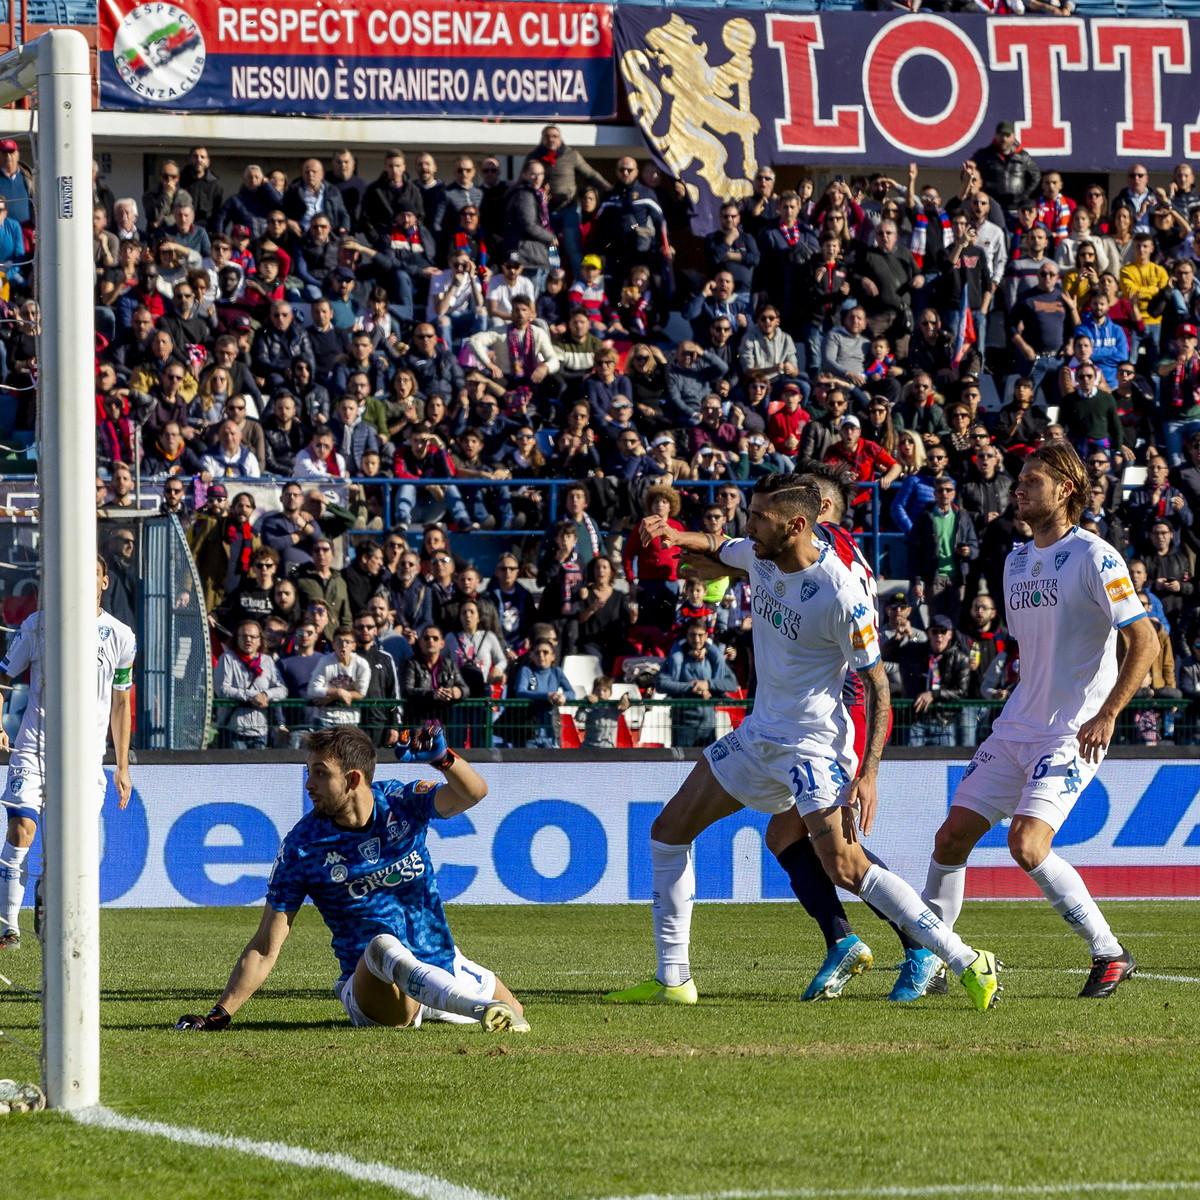 Serie B: il Benevento fa sei di fila e vola a +12, crolla il Pordenone